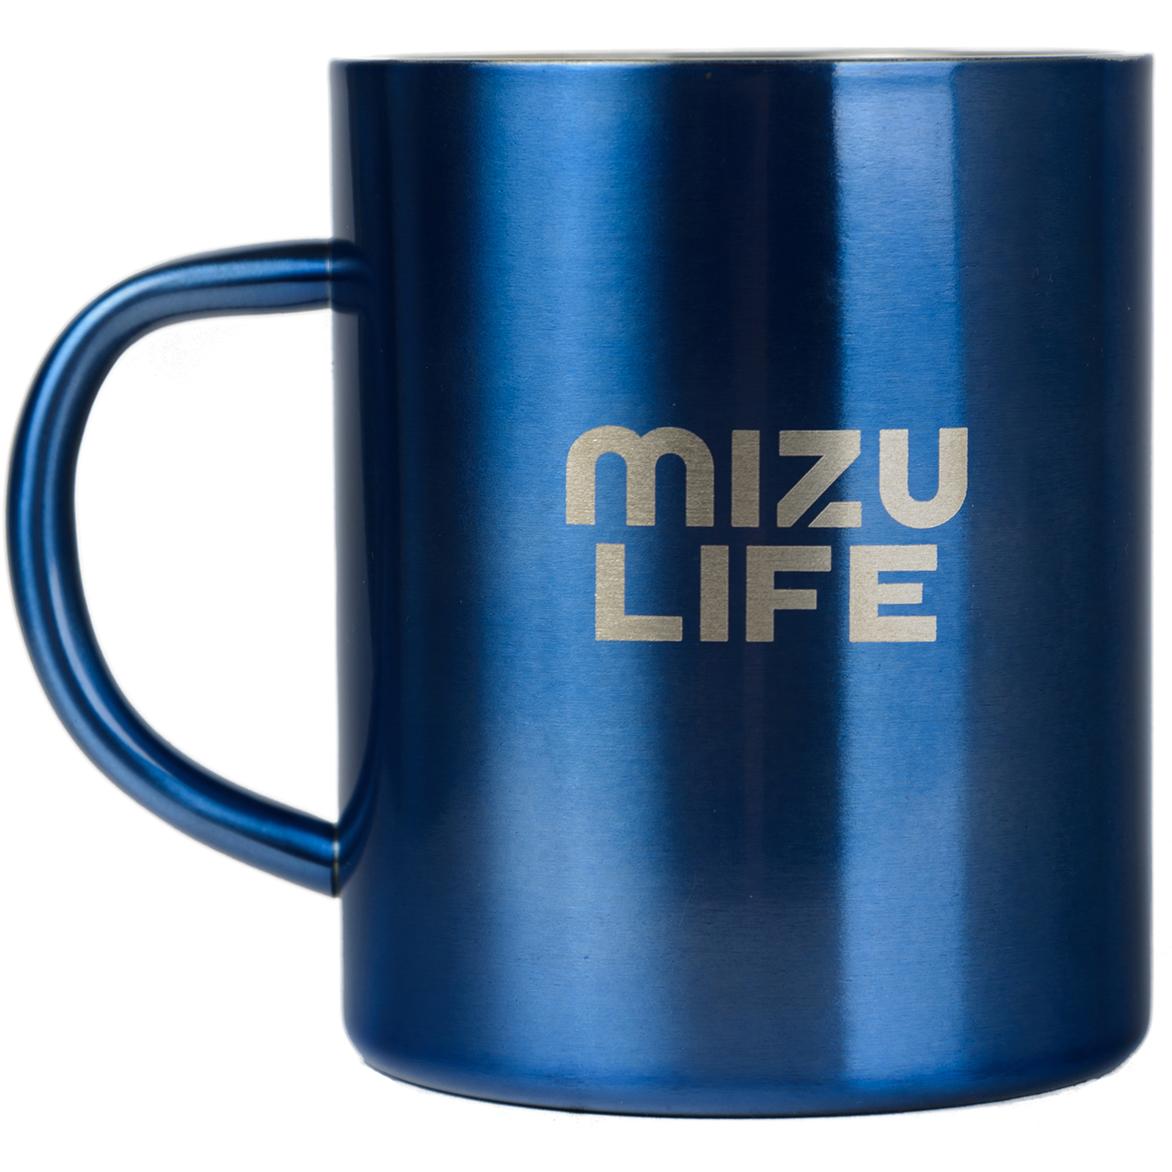 Термокружка Mizu, цвет: голубой, 420 млW01AMZACCQUAКружка Mizu выполнена из пищевой нержавеющей стали. На корпусе - фирменный логотип MIZU. Она пригодится в путешествия, в походах и на рыбалке. Объем: 420 мл. Диаметр: 8,5 см.